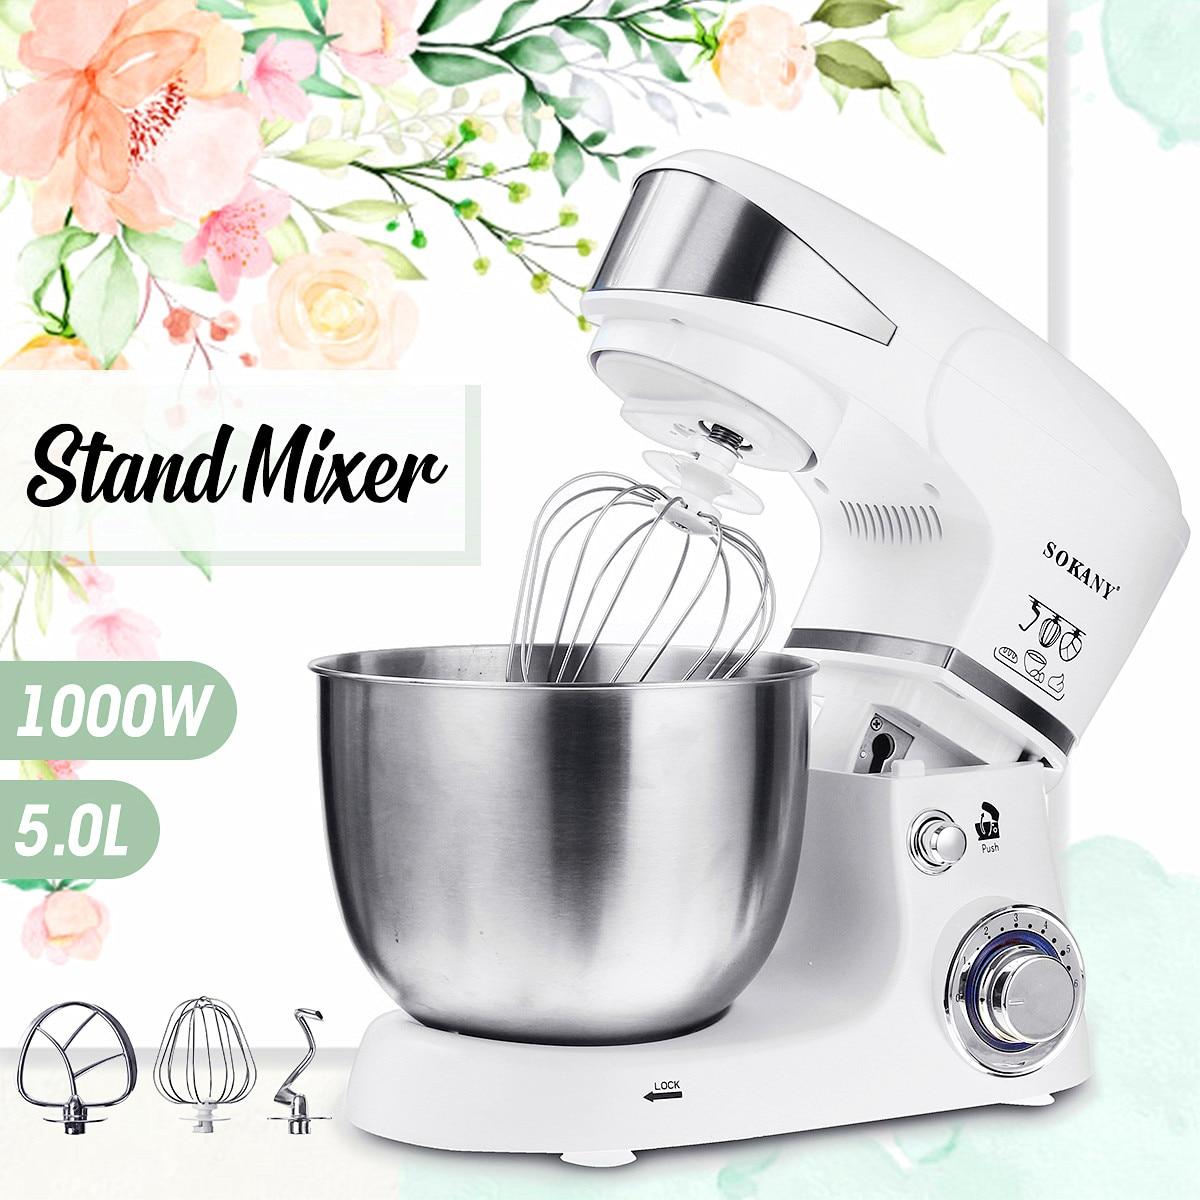 Nouveau 5L électrique mélangeur de nourriture 1000 W 6 vitesses en acier inoxydable bol oeuf fouet-mélangeur mélangeur de pâte fabricant Machine cuisine outils de cuisson